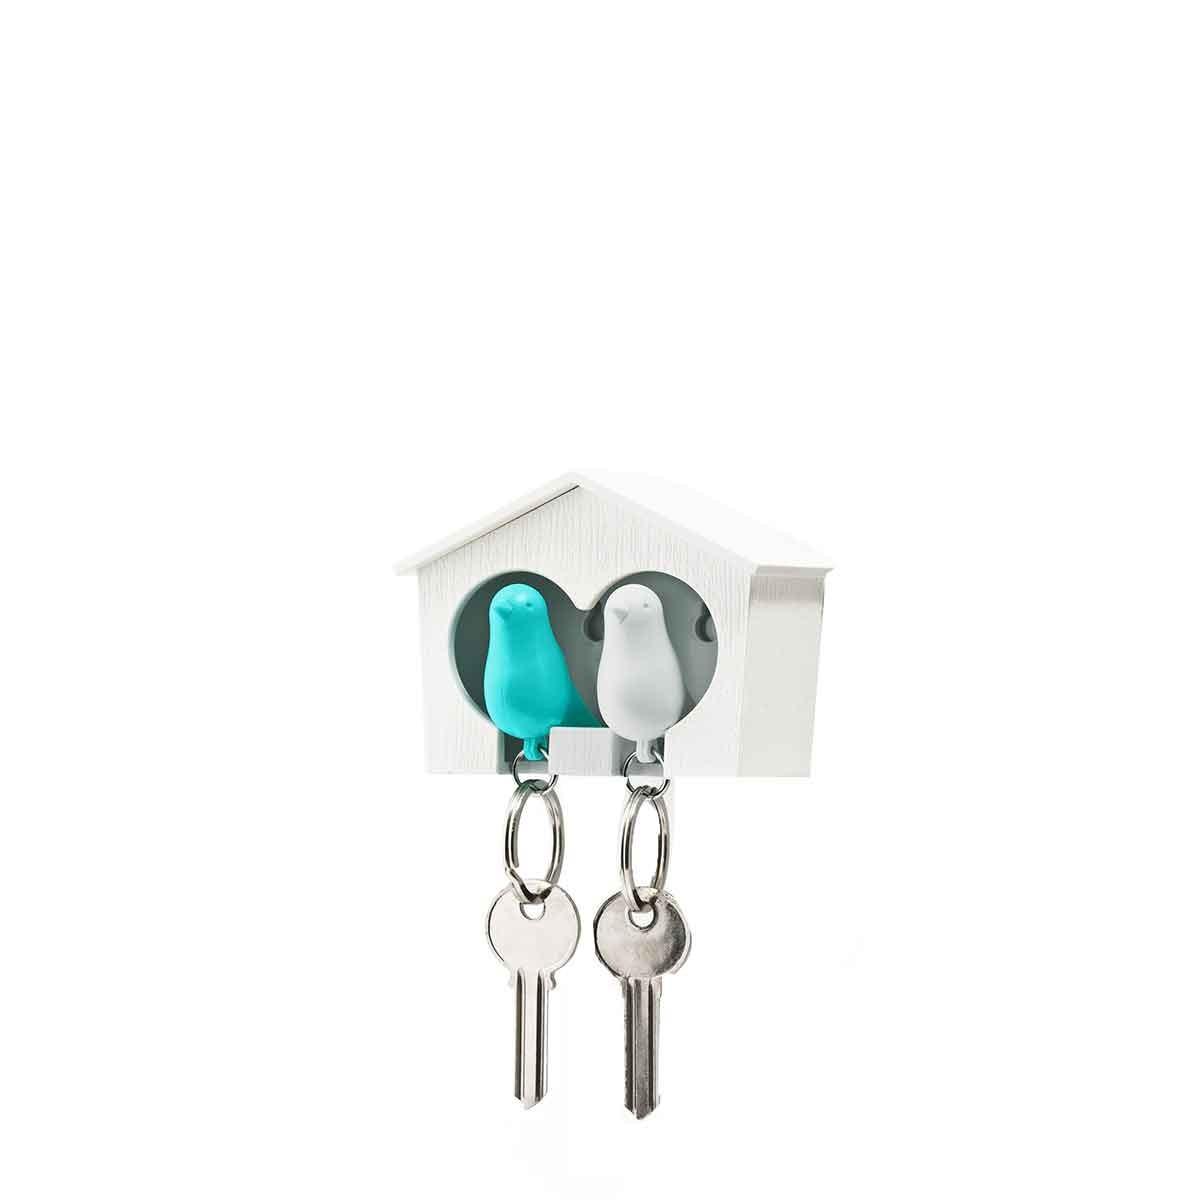 porte cl s mural oiseaux blanc bleu rangement clefs. Black Bedroom Furniture Sets. Home Design Ideas